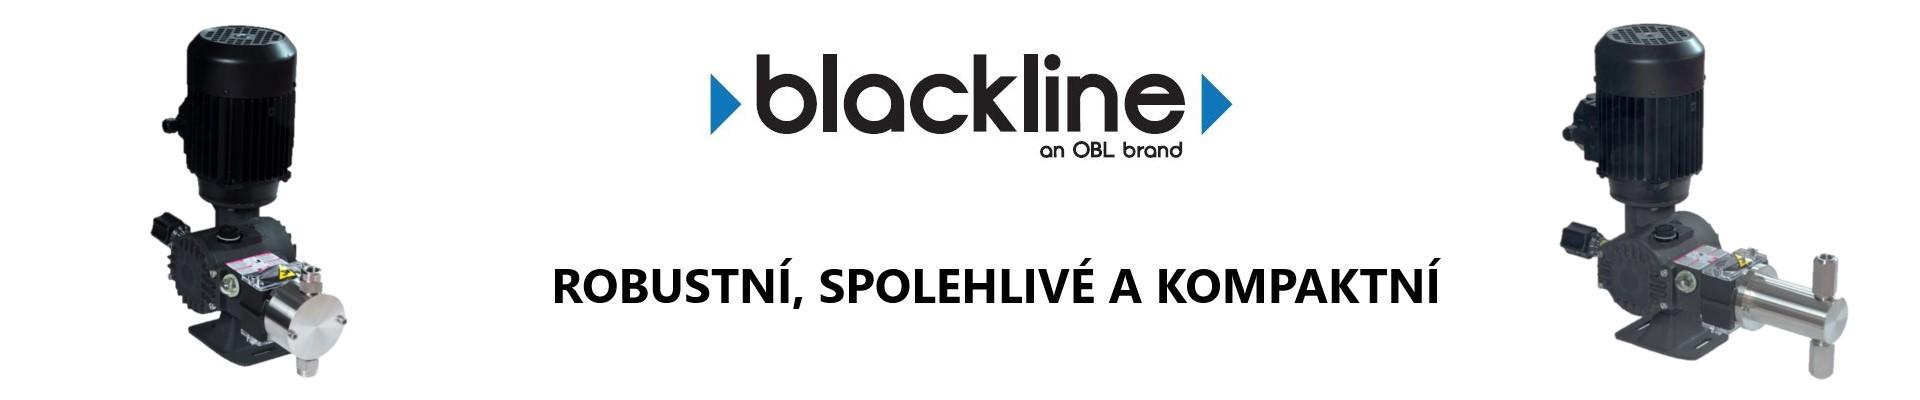 dávkovací čerpadlo OBL série R blackline